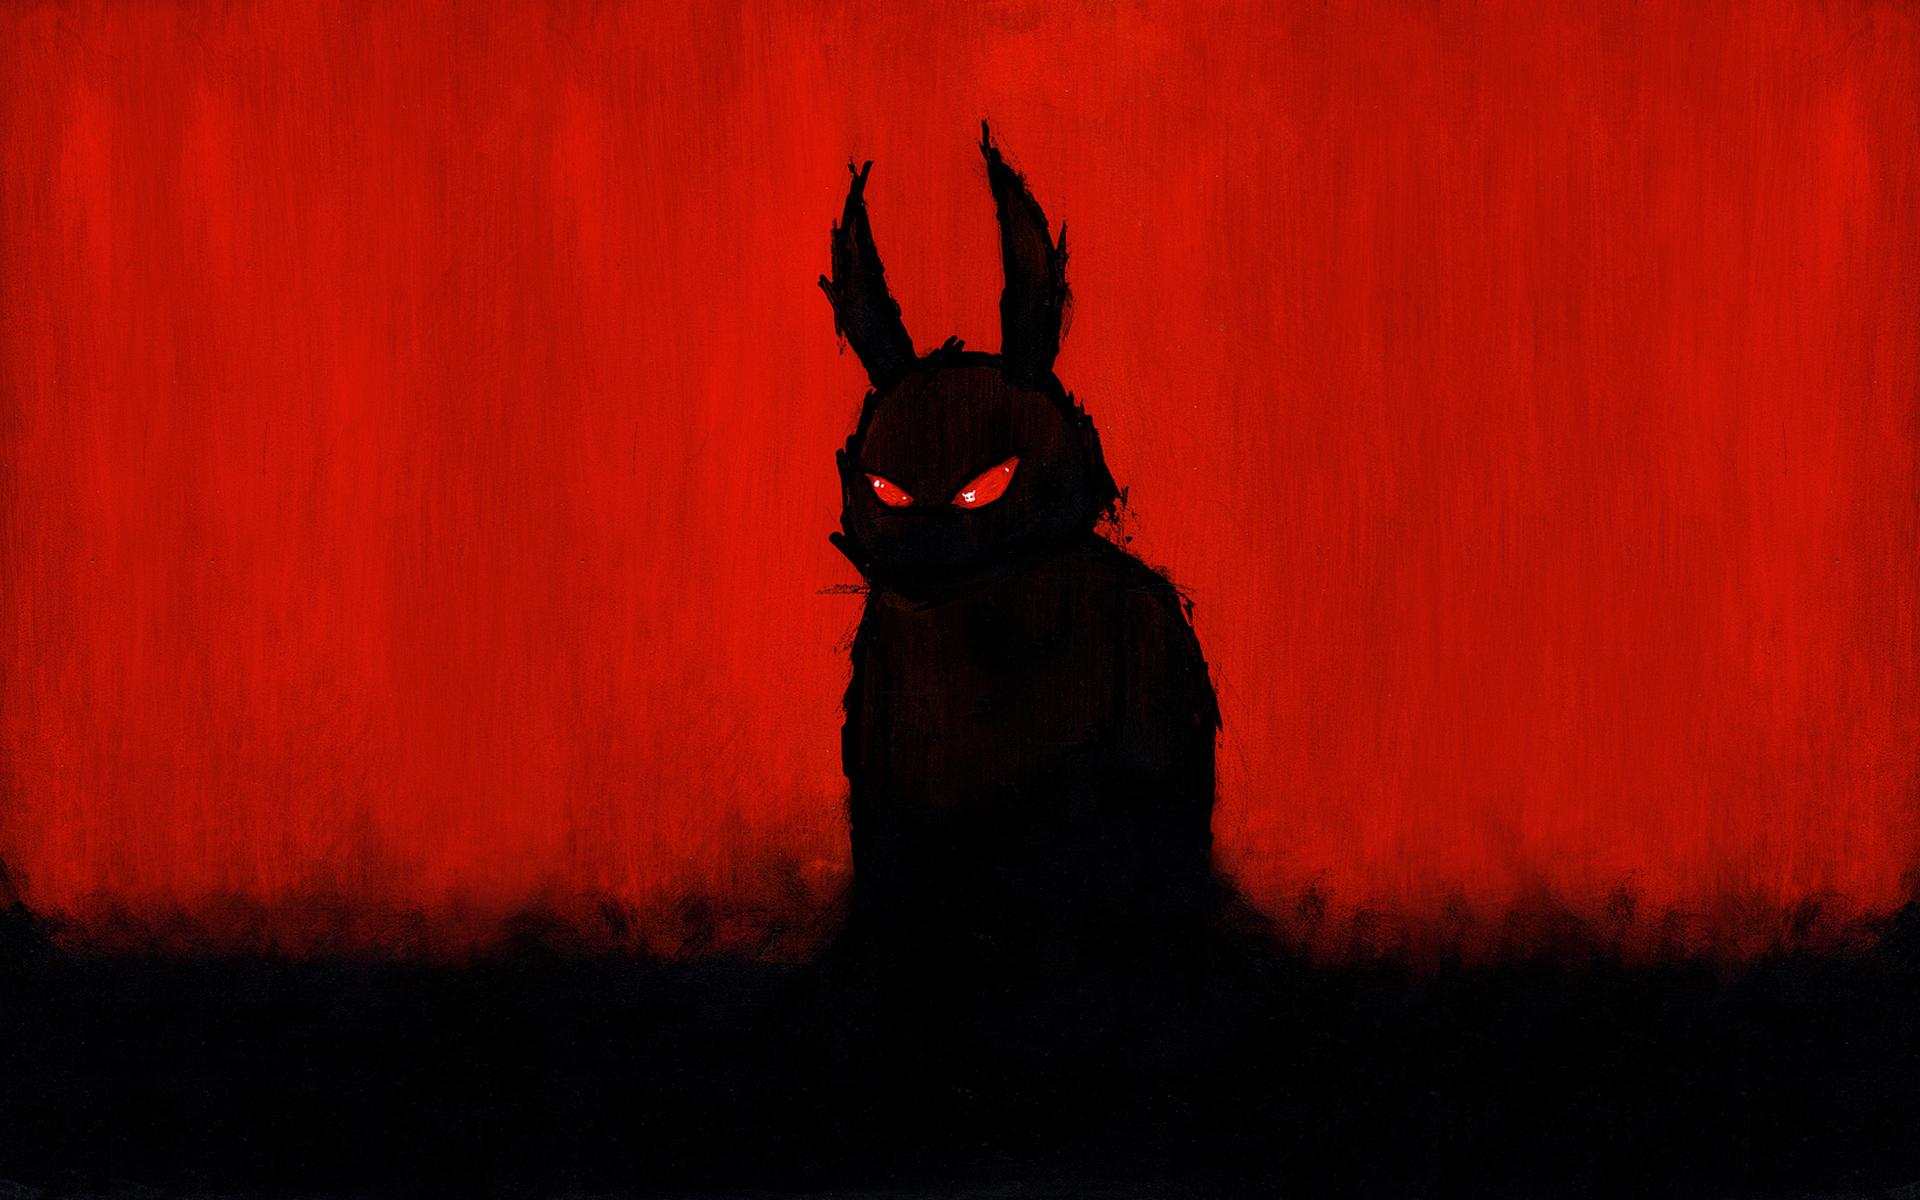 Best Wallpaper Halloween Red - 67724172aca232a076be5f72a3002fc6  Trends_983283.jpg